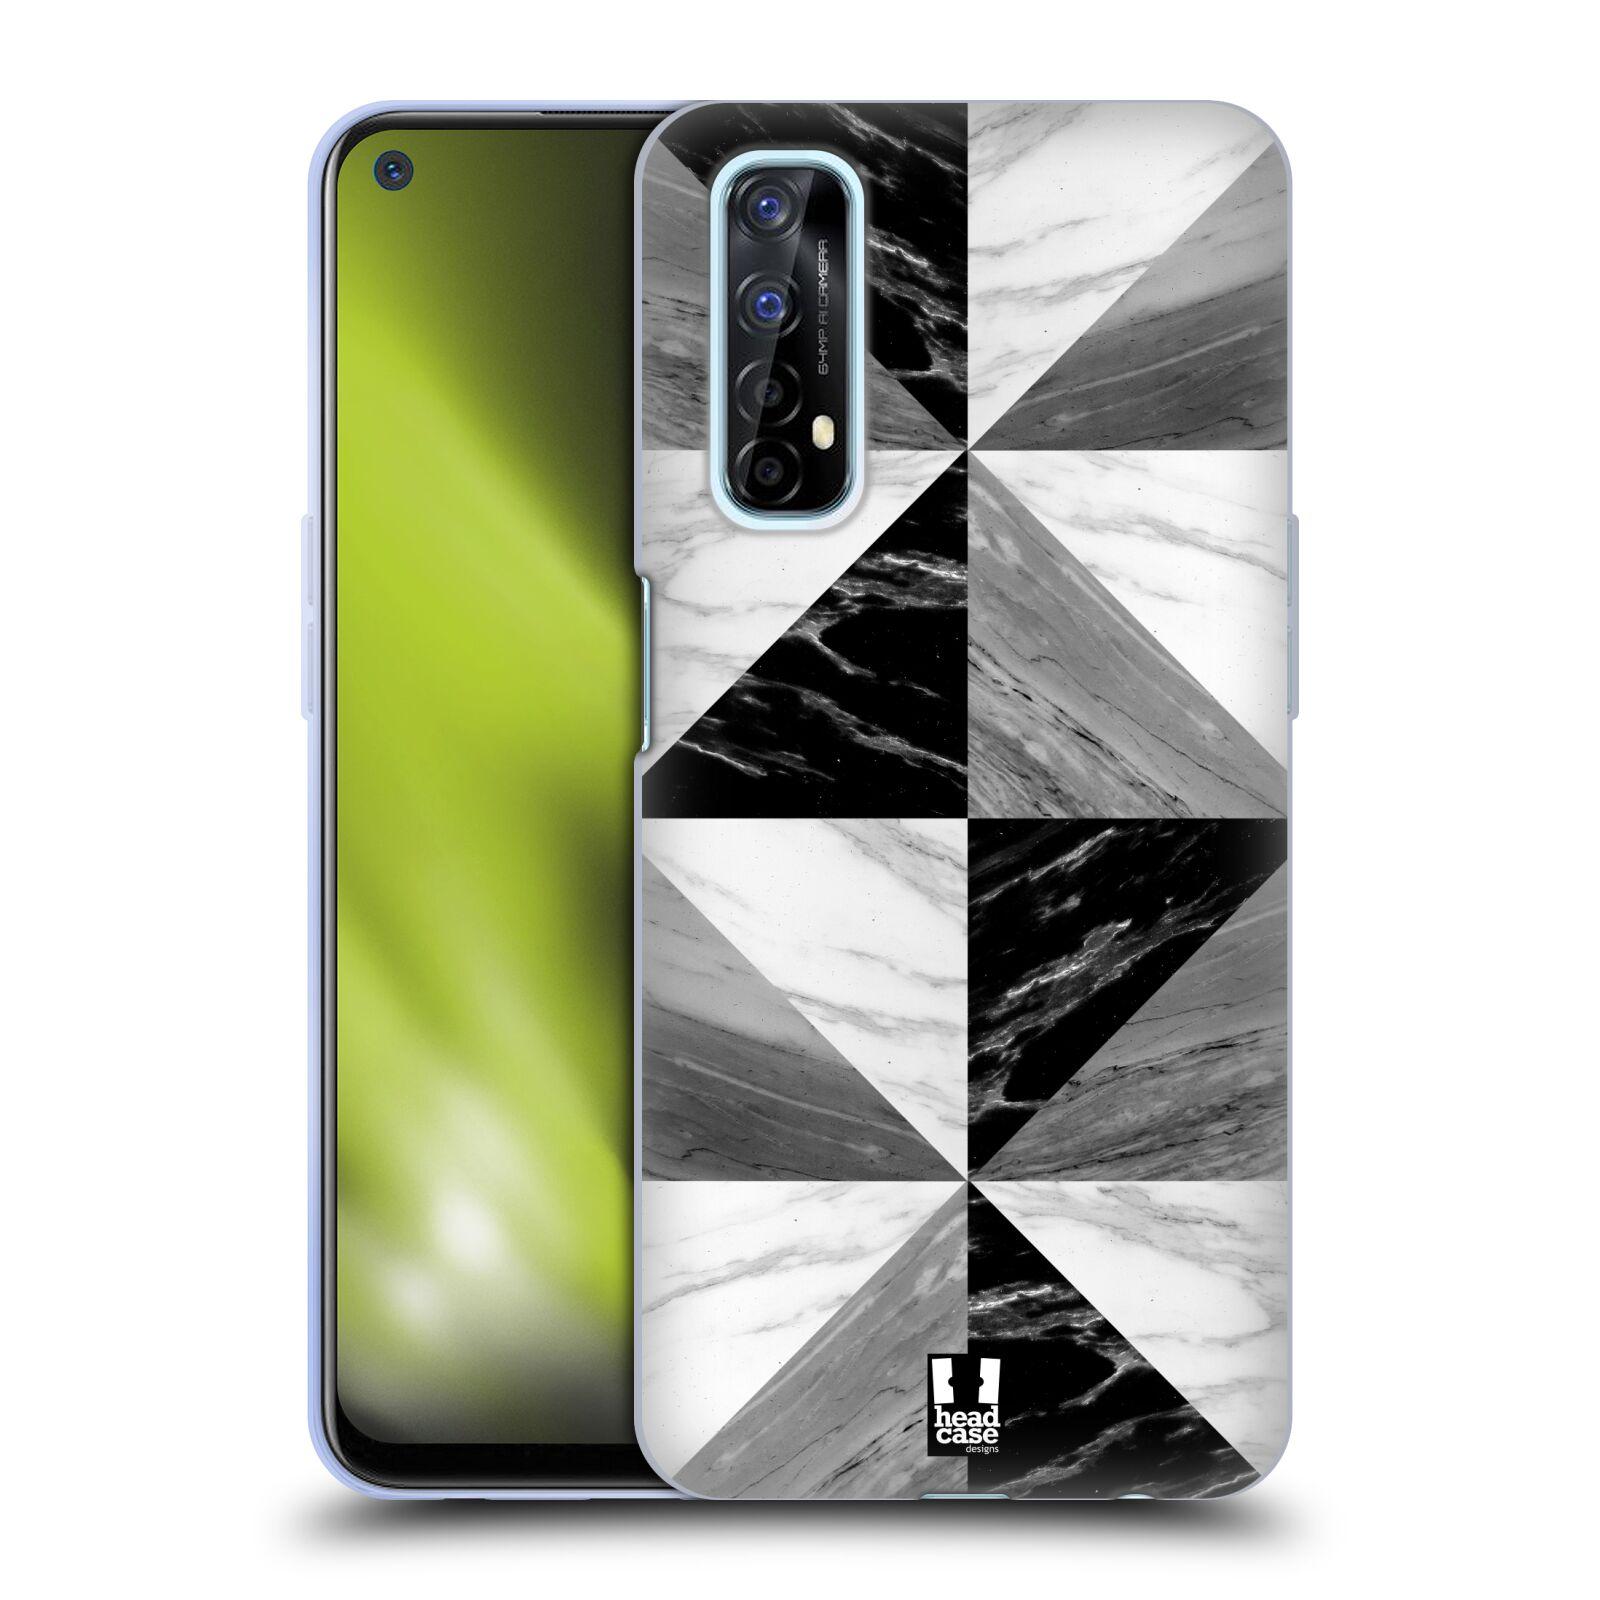 Silikonové pouzdro na mobil Realme 7 - Head Case - Mramor triangl